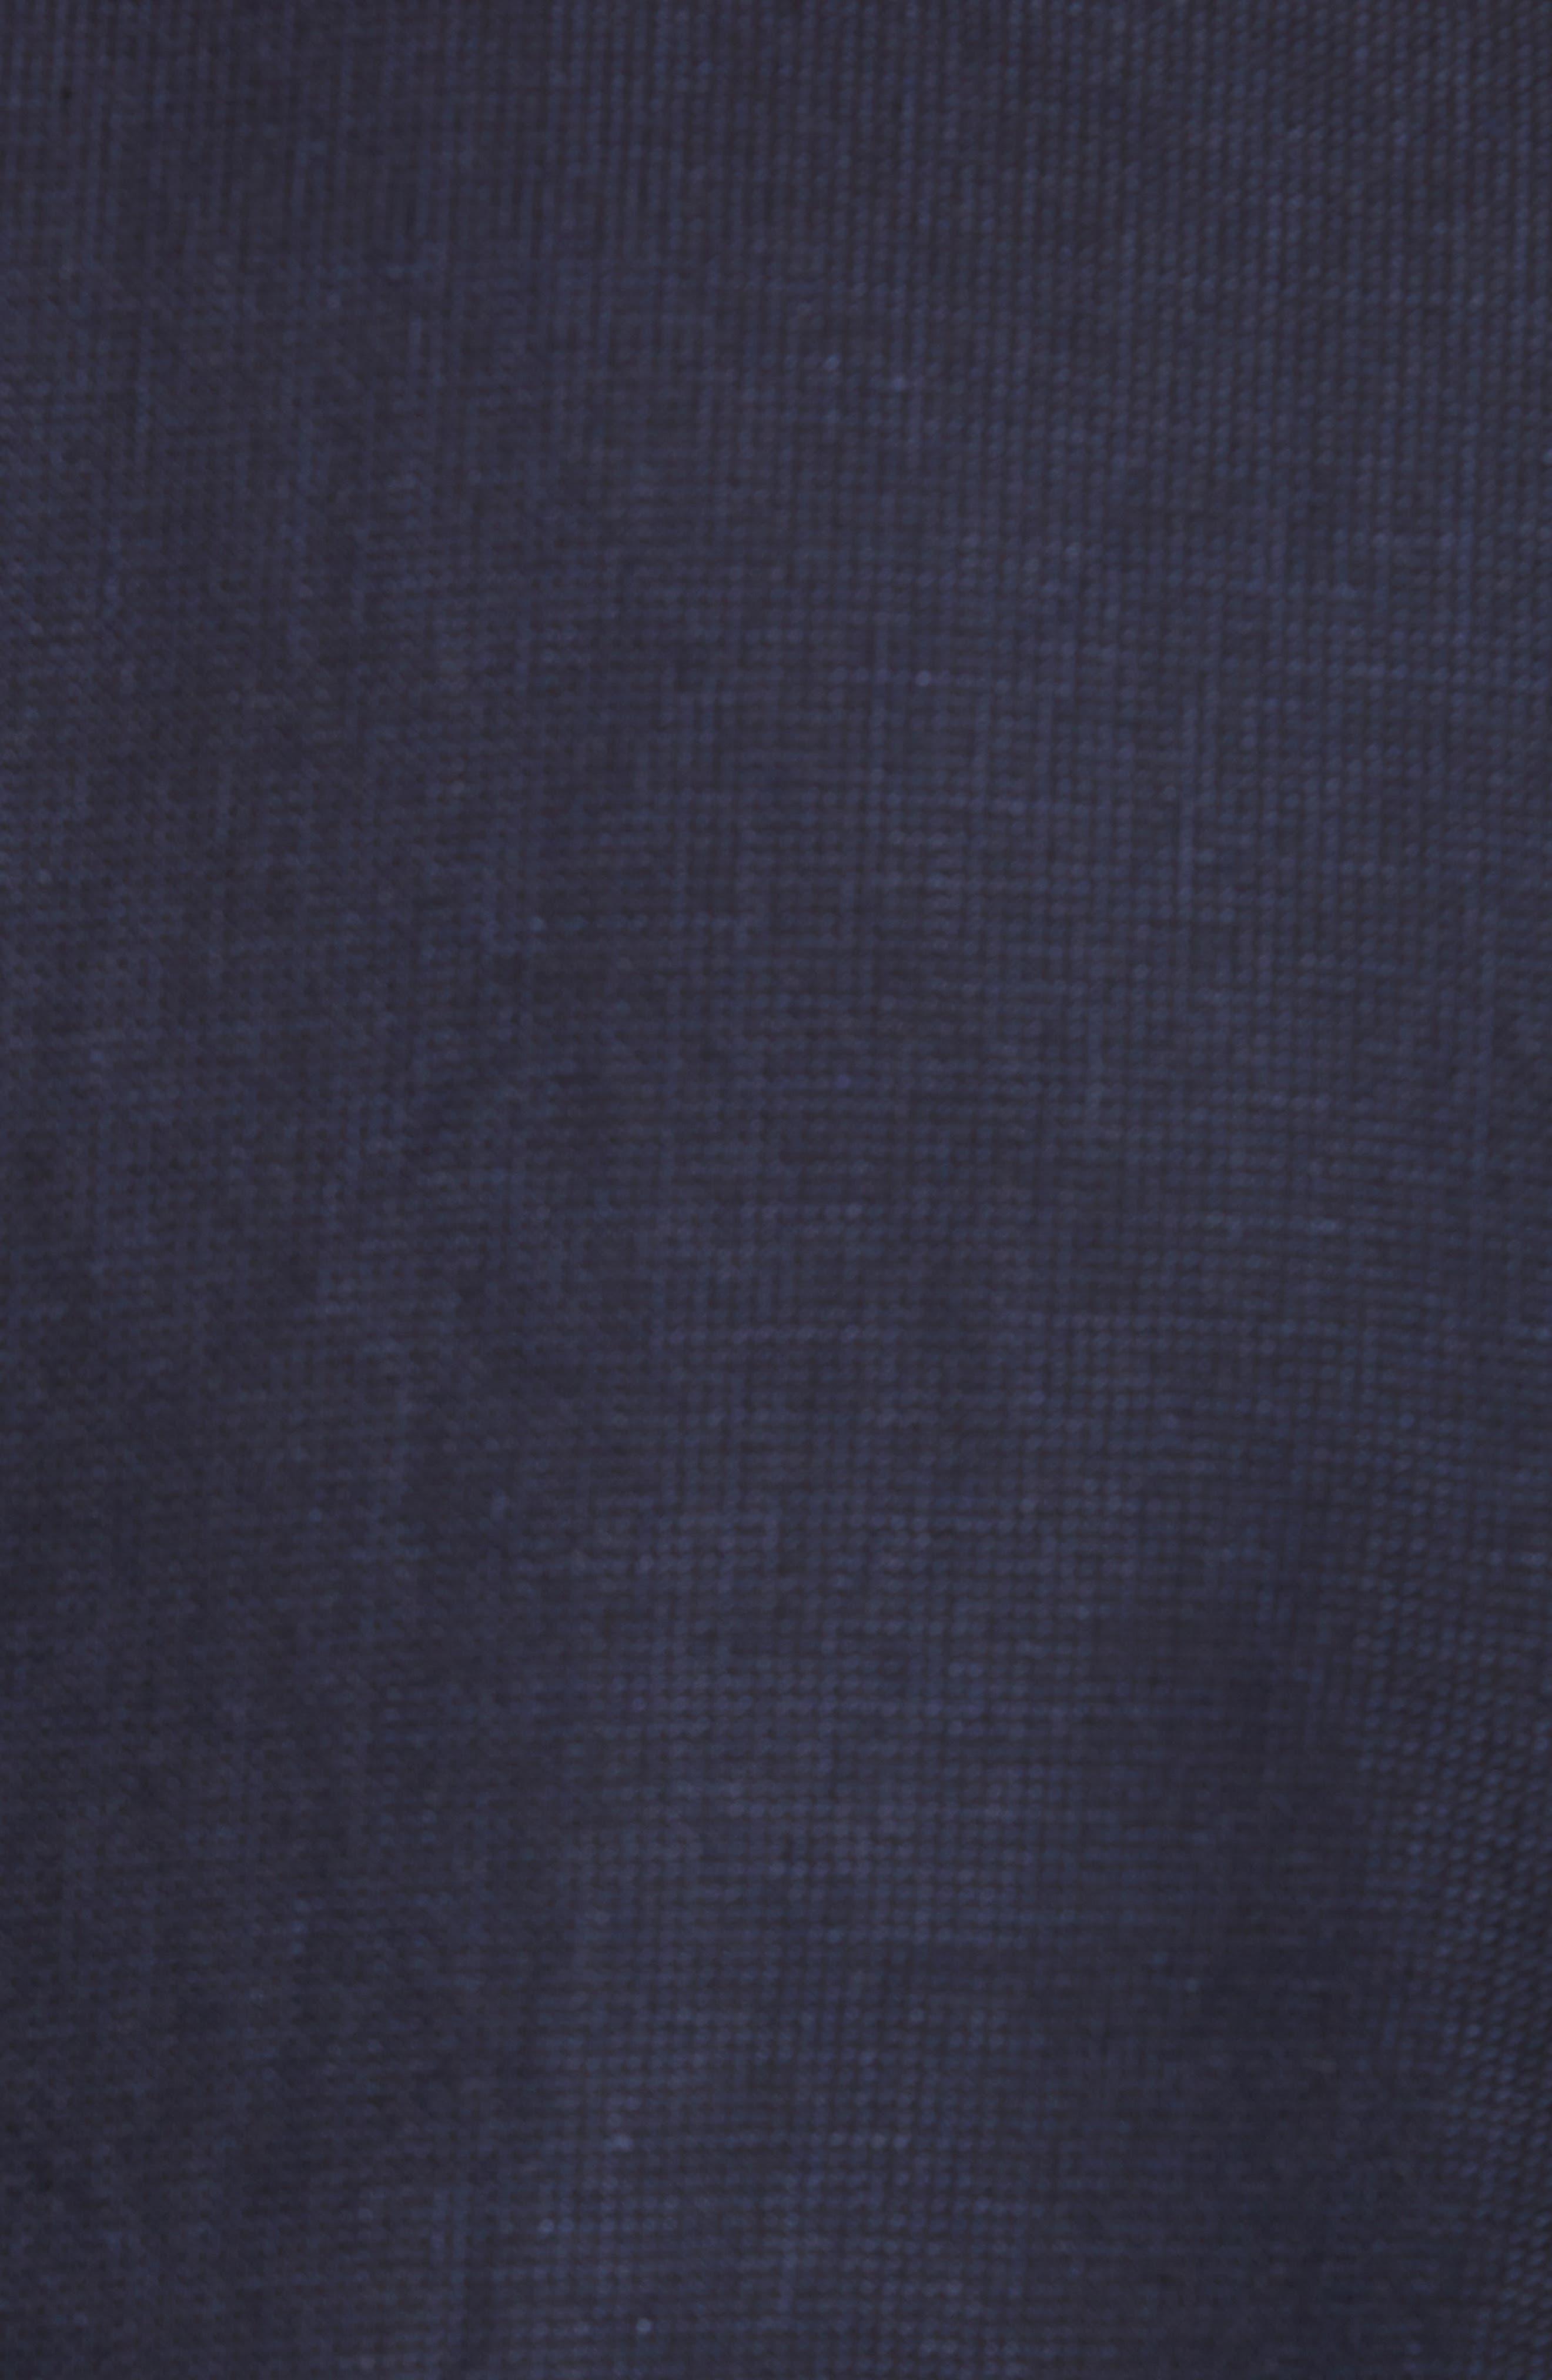 Raney Trim Fit Linen & Cotton Jacket,                             Alternate thumbnail 6, color,                             410